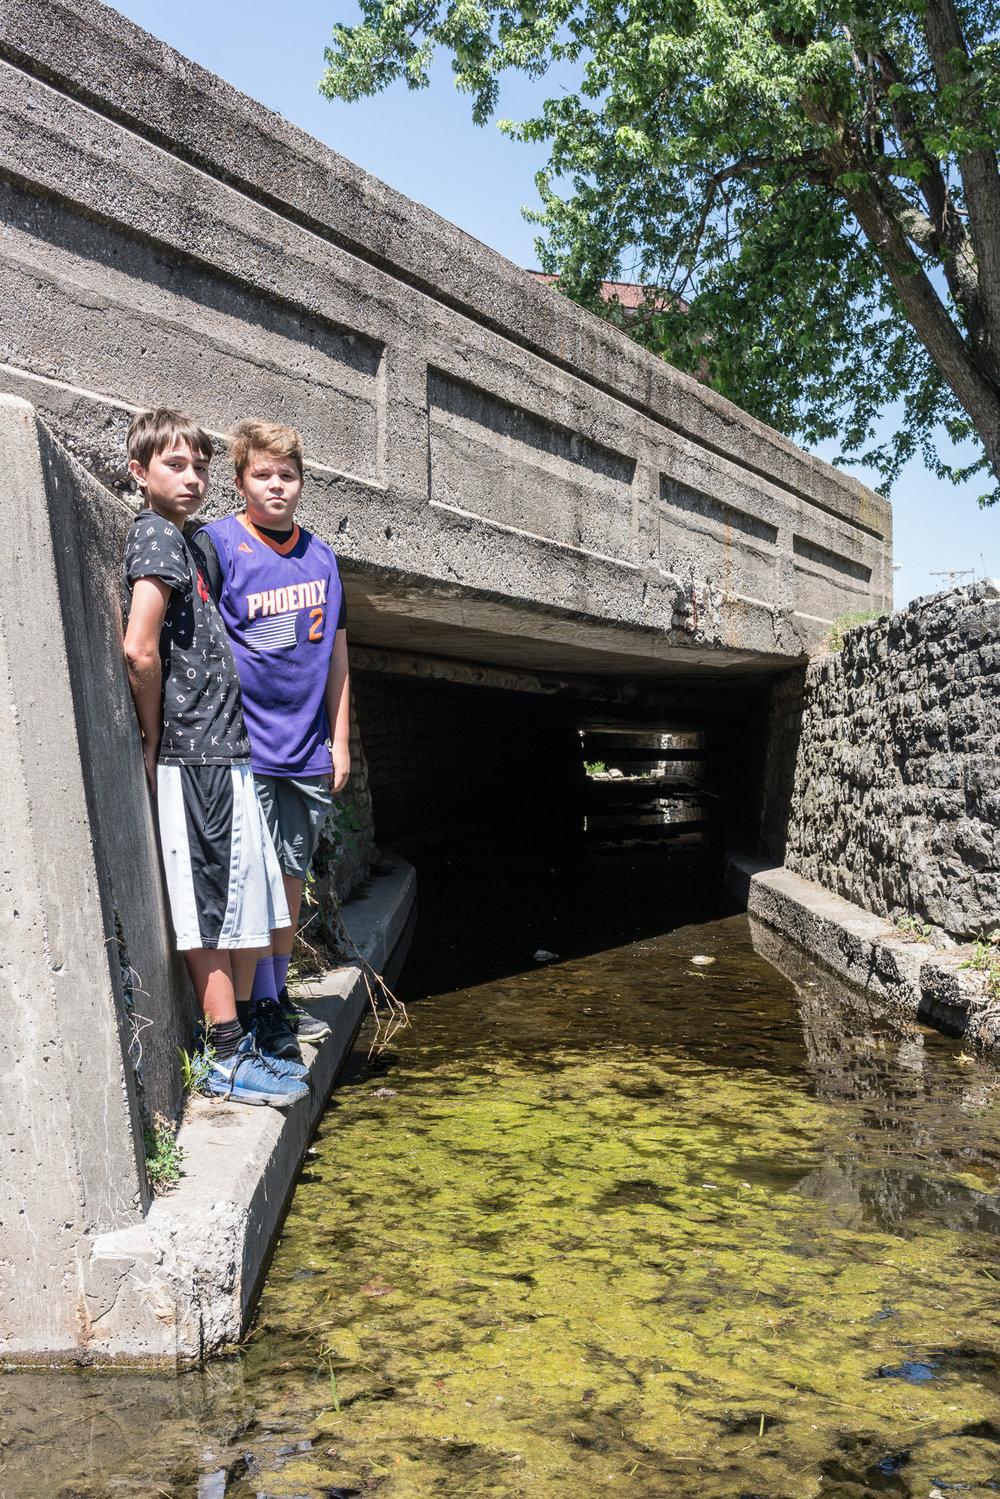 Dillon and Kamami at Hog River, Mascoutah, Illinois, 2017